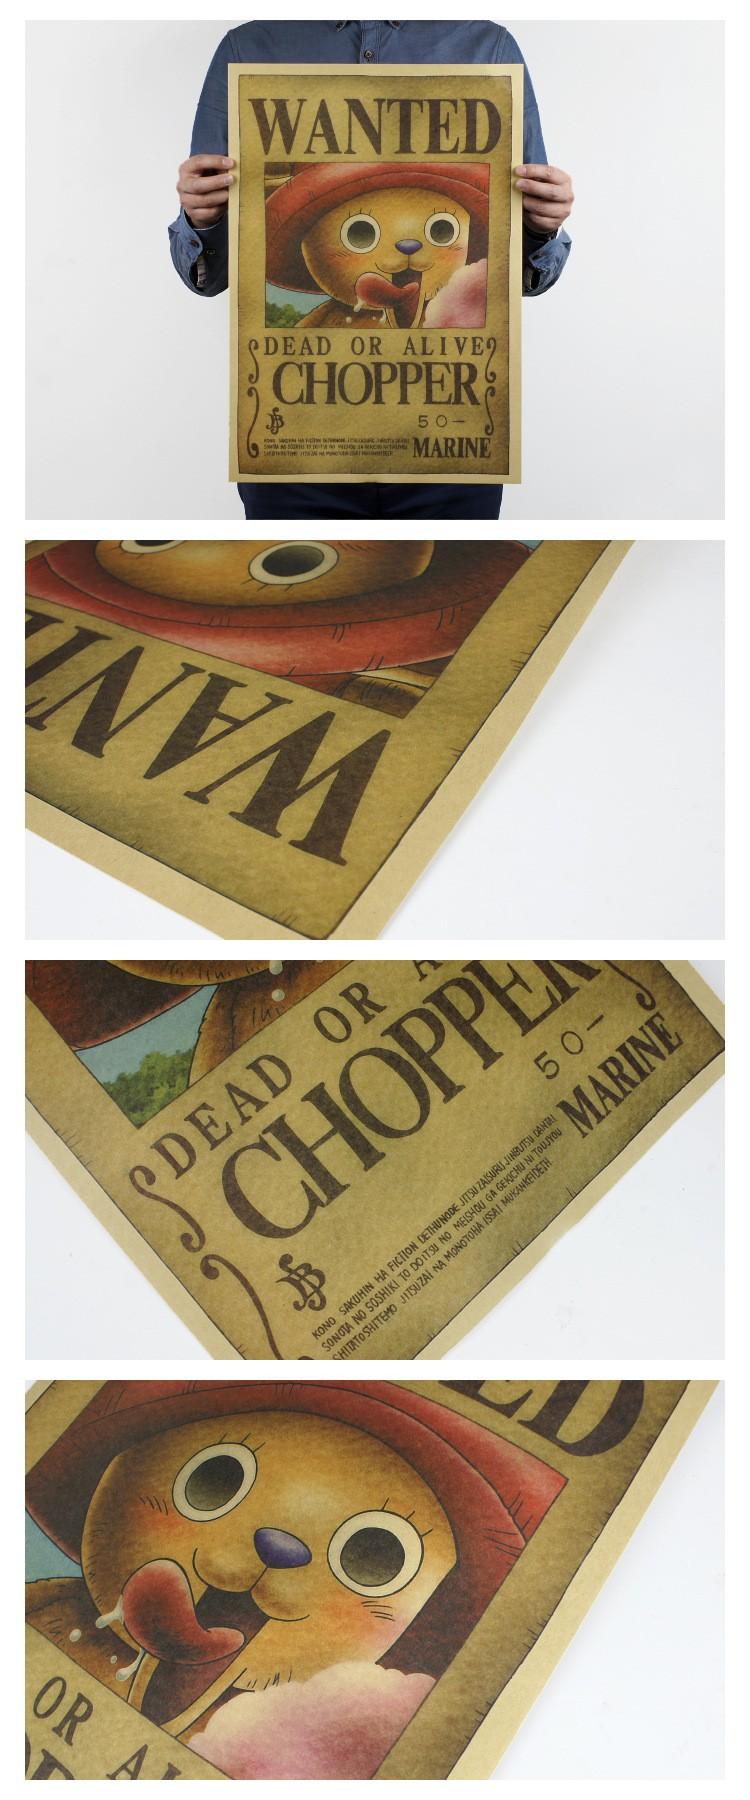 Tony Tony Chopper Poster